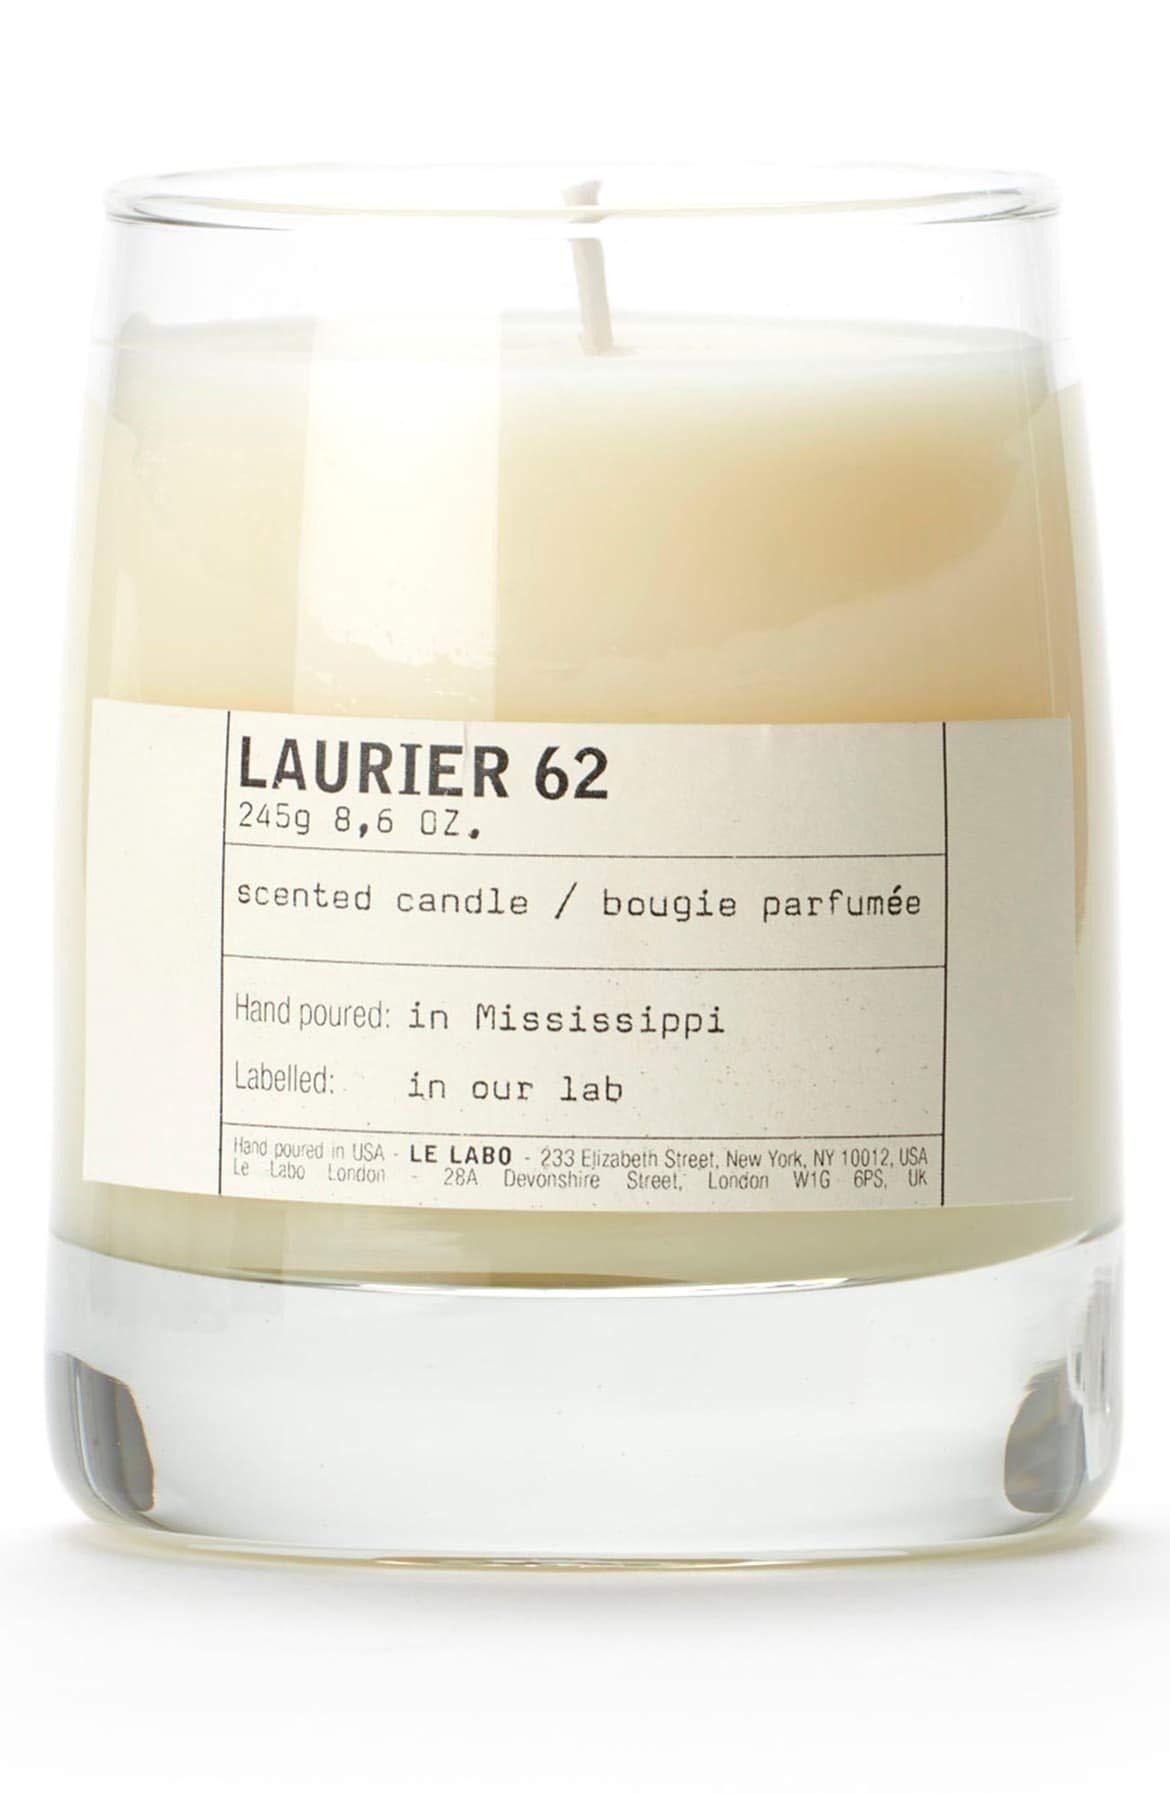 Le Labo Laurier 62 Classic Candle 8.6 oz.